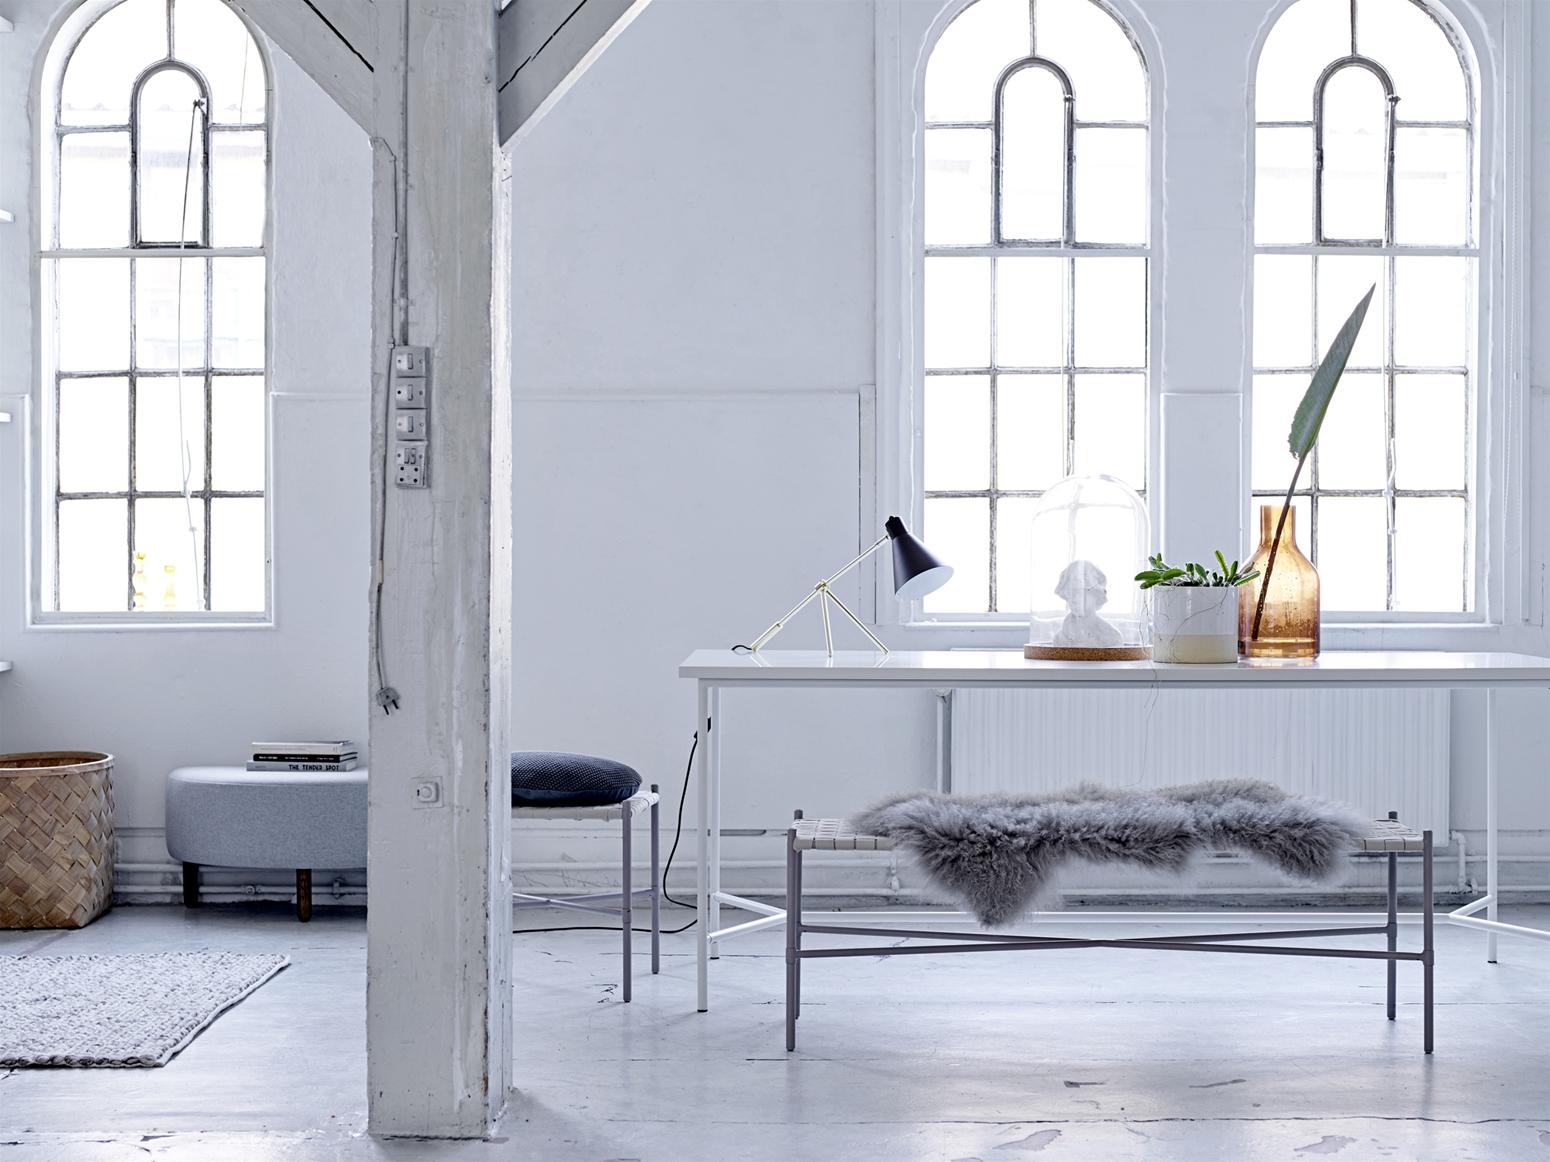 Visita los espacios privados de 12 dise adores de interior en madrid - Disenadores de interior ...